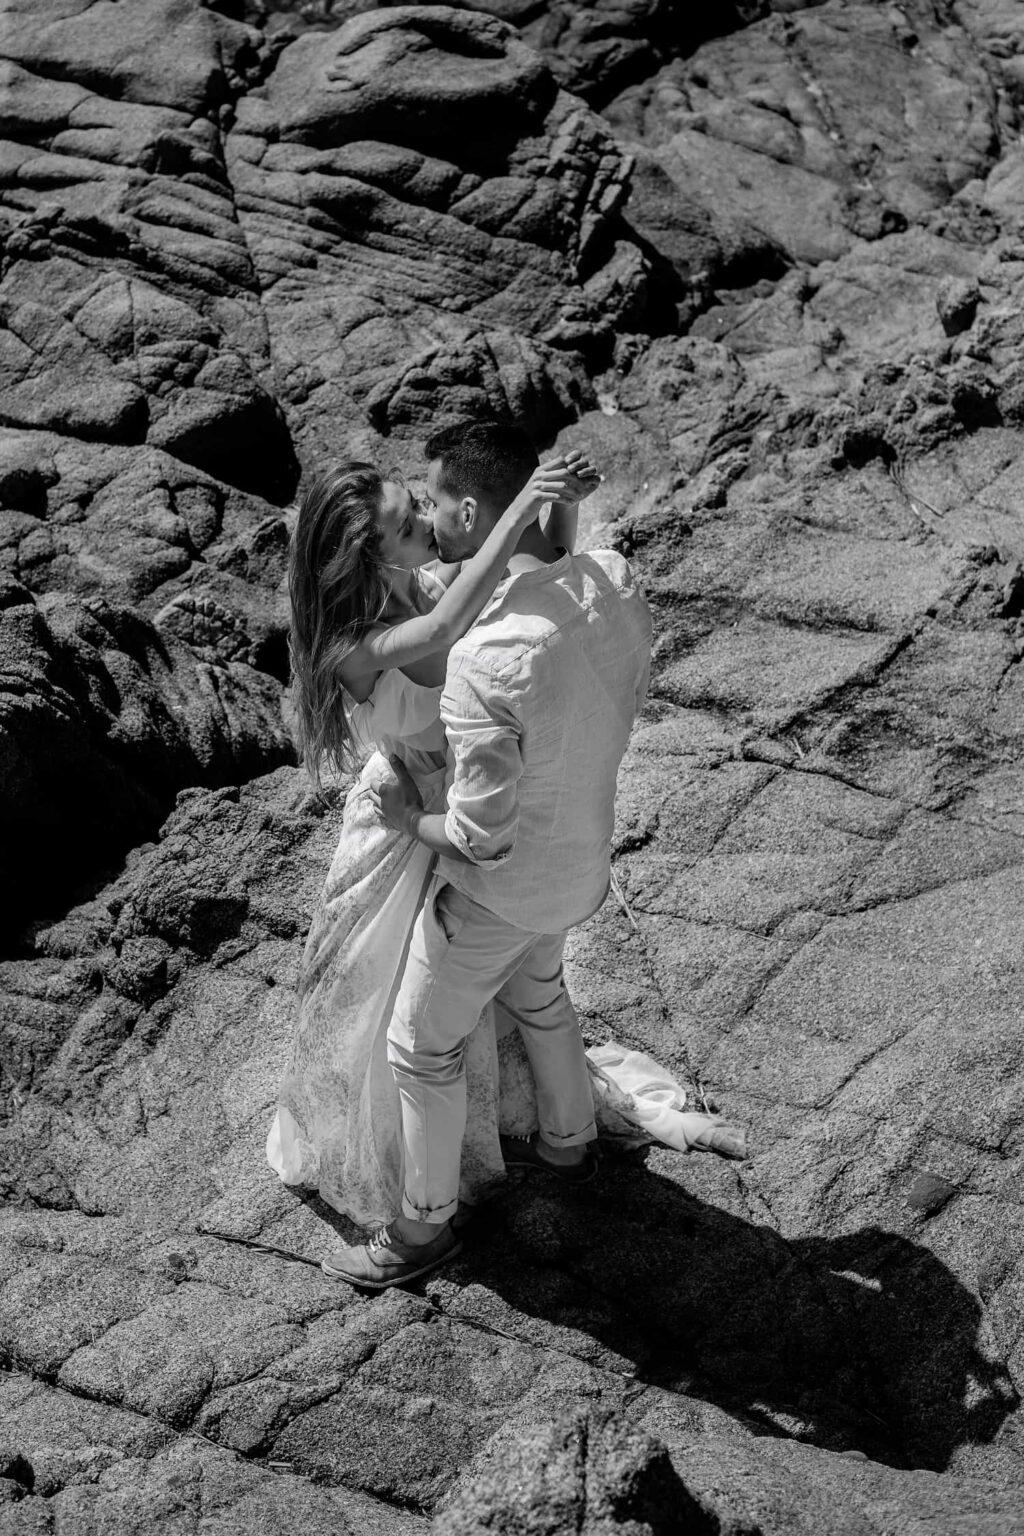 Hochzeitsfotograf Frankfurt, Hochzeitsreise nach Barcelona, Hochzeitslocation in Spanien